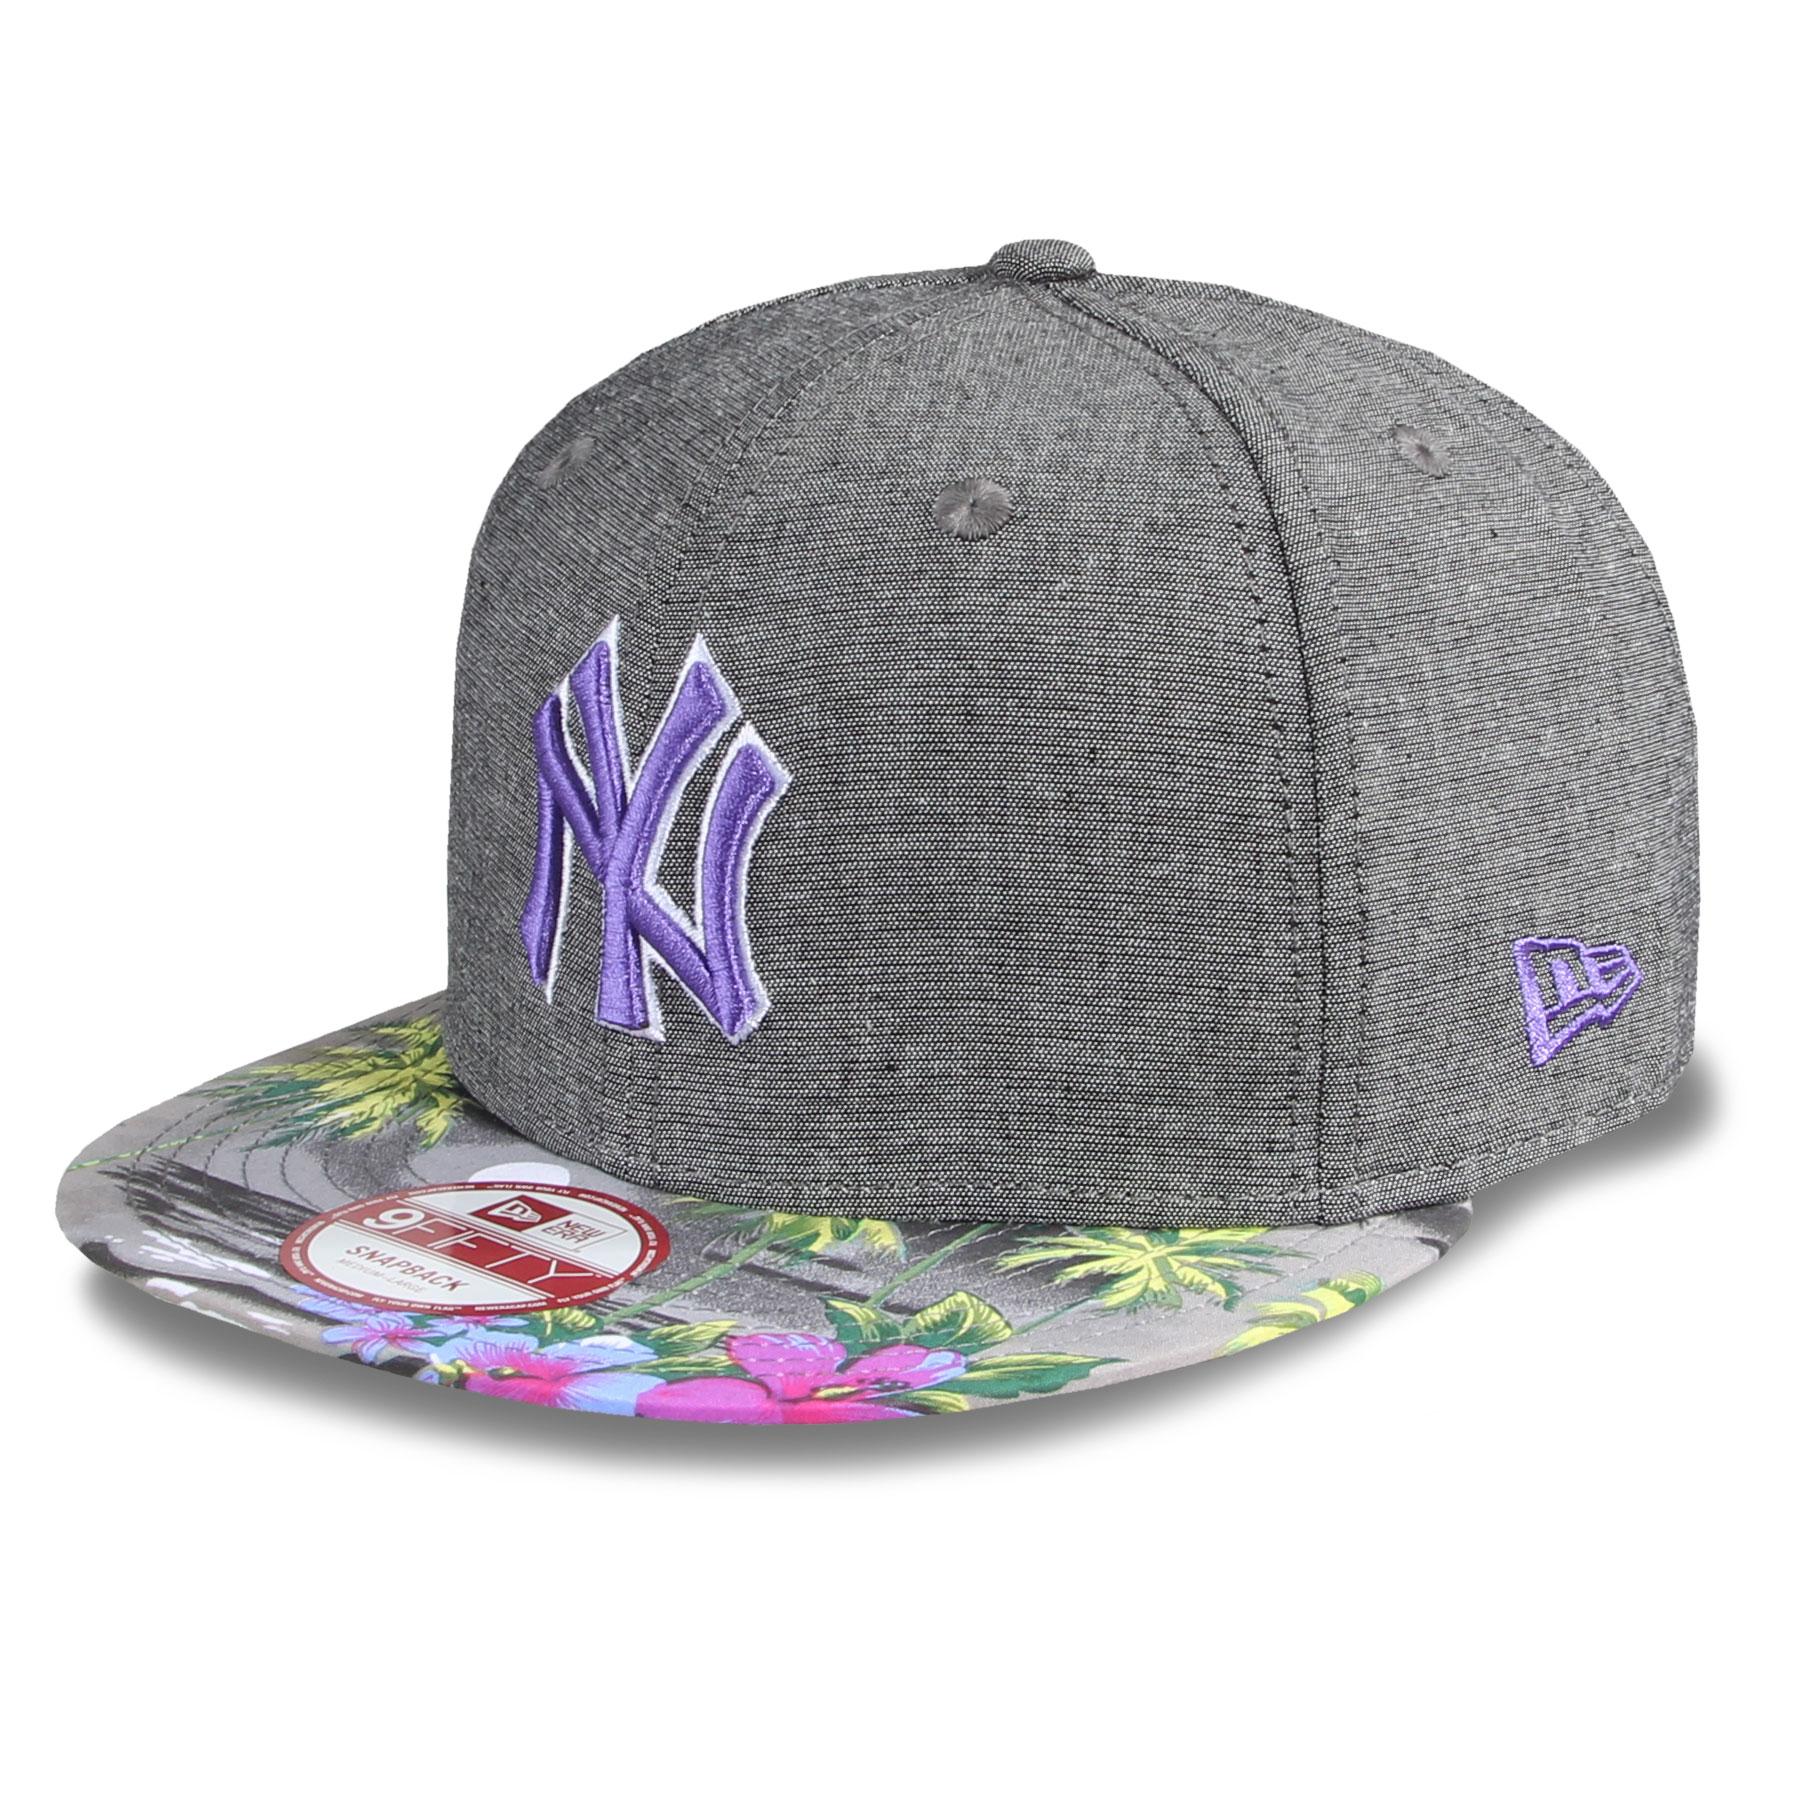 c0a861748da2 New Era Cap Snapback 9fifty Yankees de New York Dodgers Sox Brooklyn ...